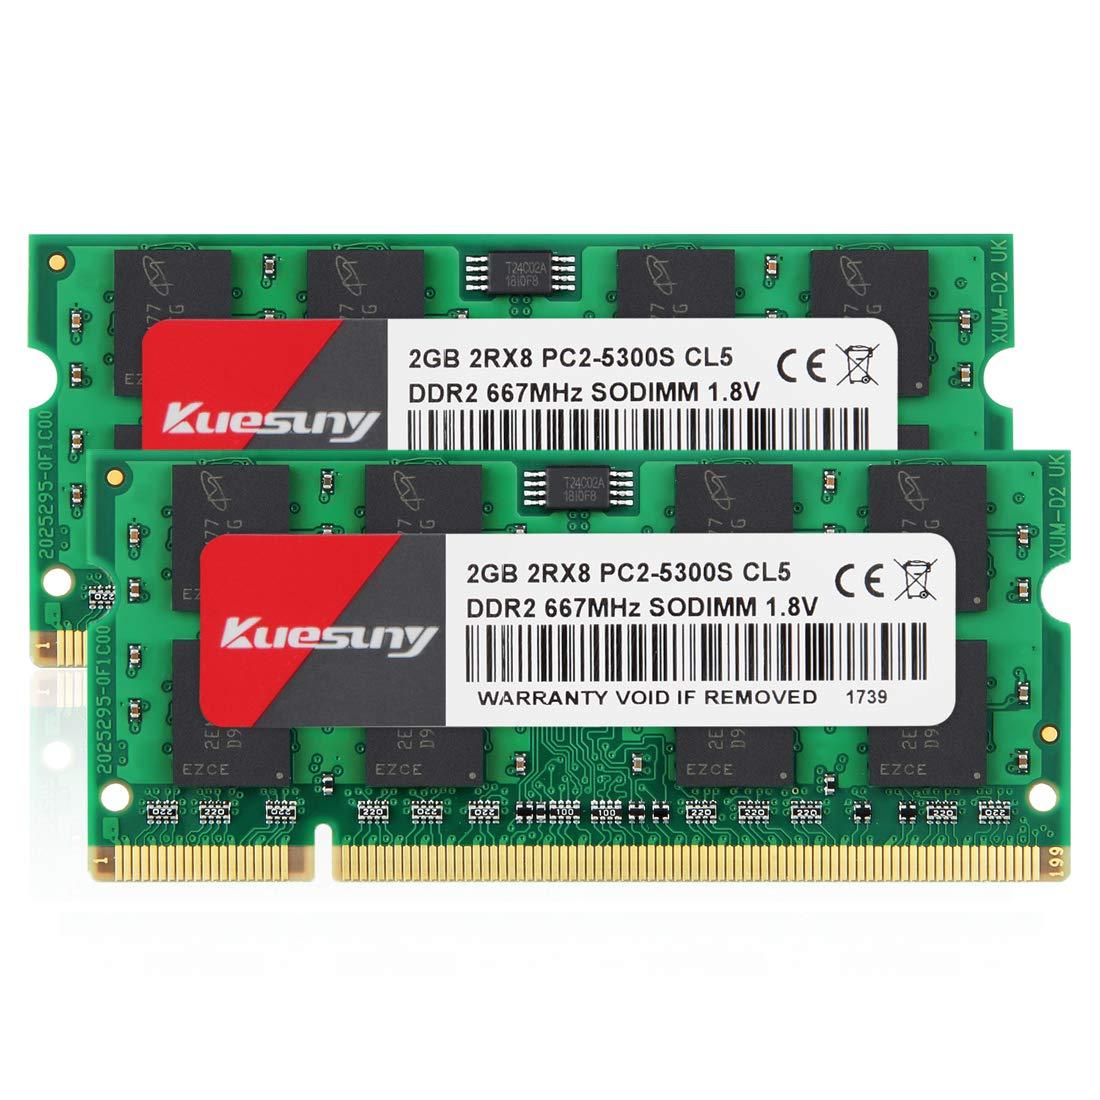 Memoria Ram 4gb (2x2gb) Ddr2 667mhz Pc2-5300 Sodimm Kuesuny